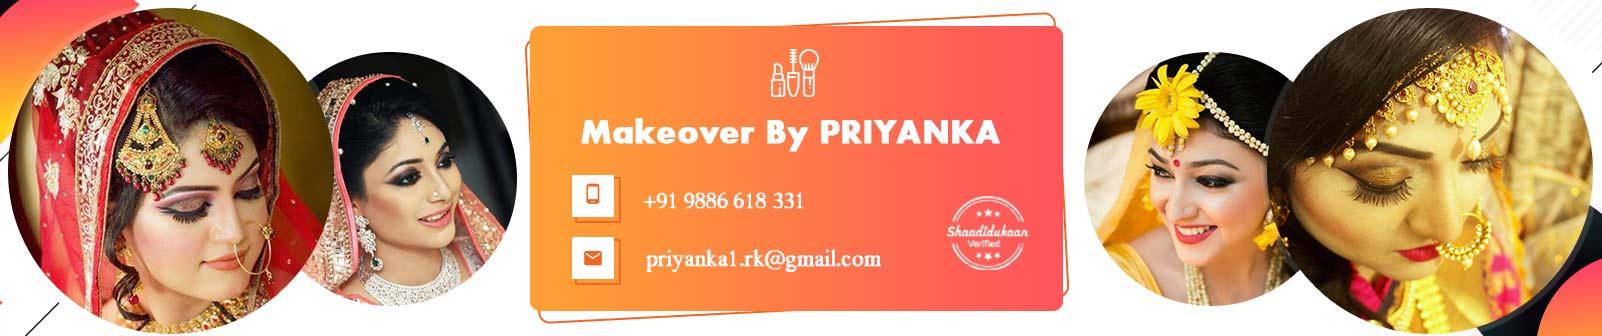 Makeover by Priyanka